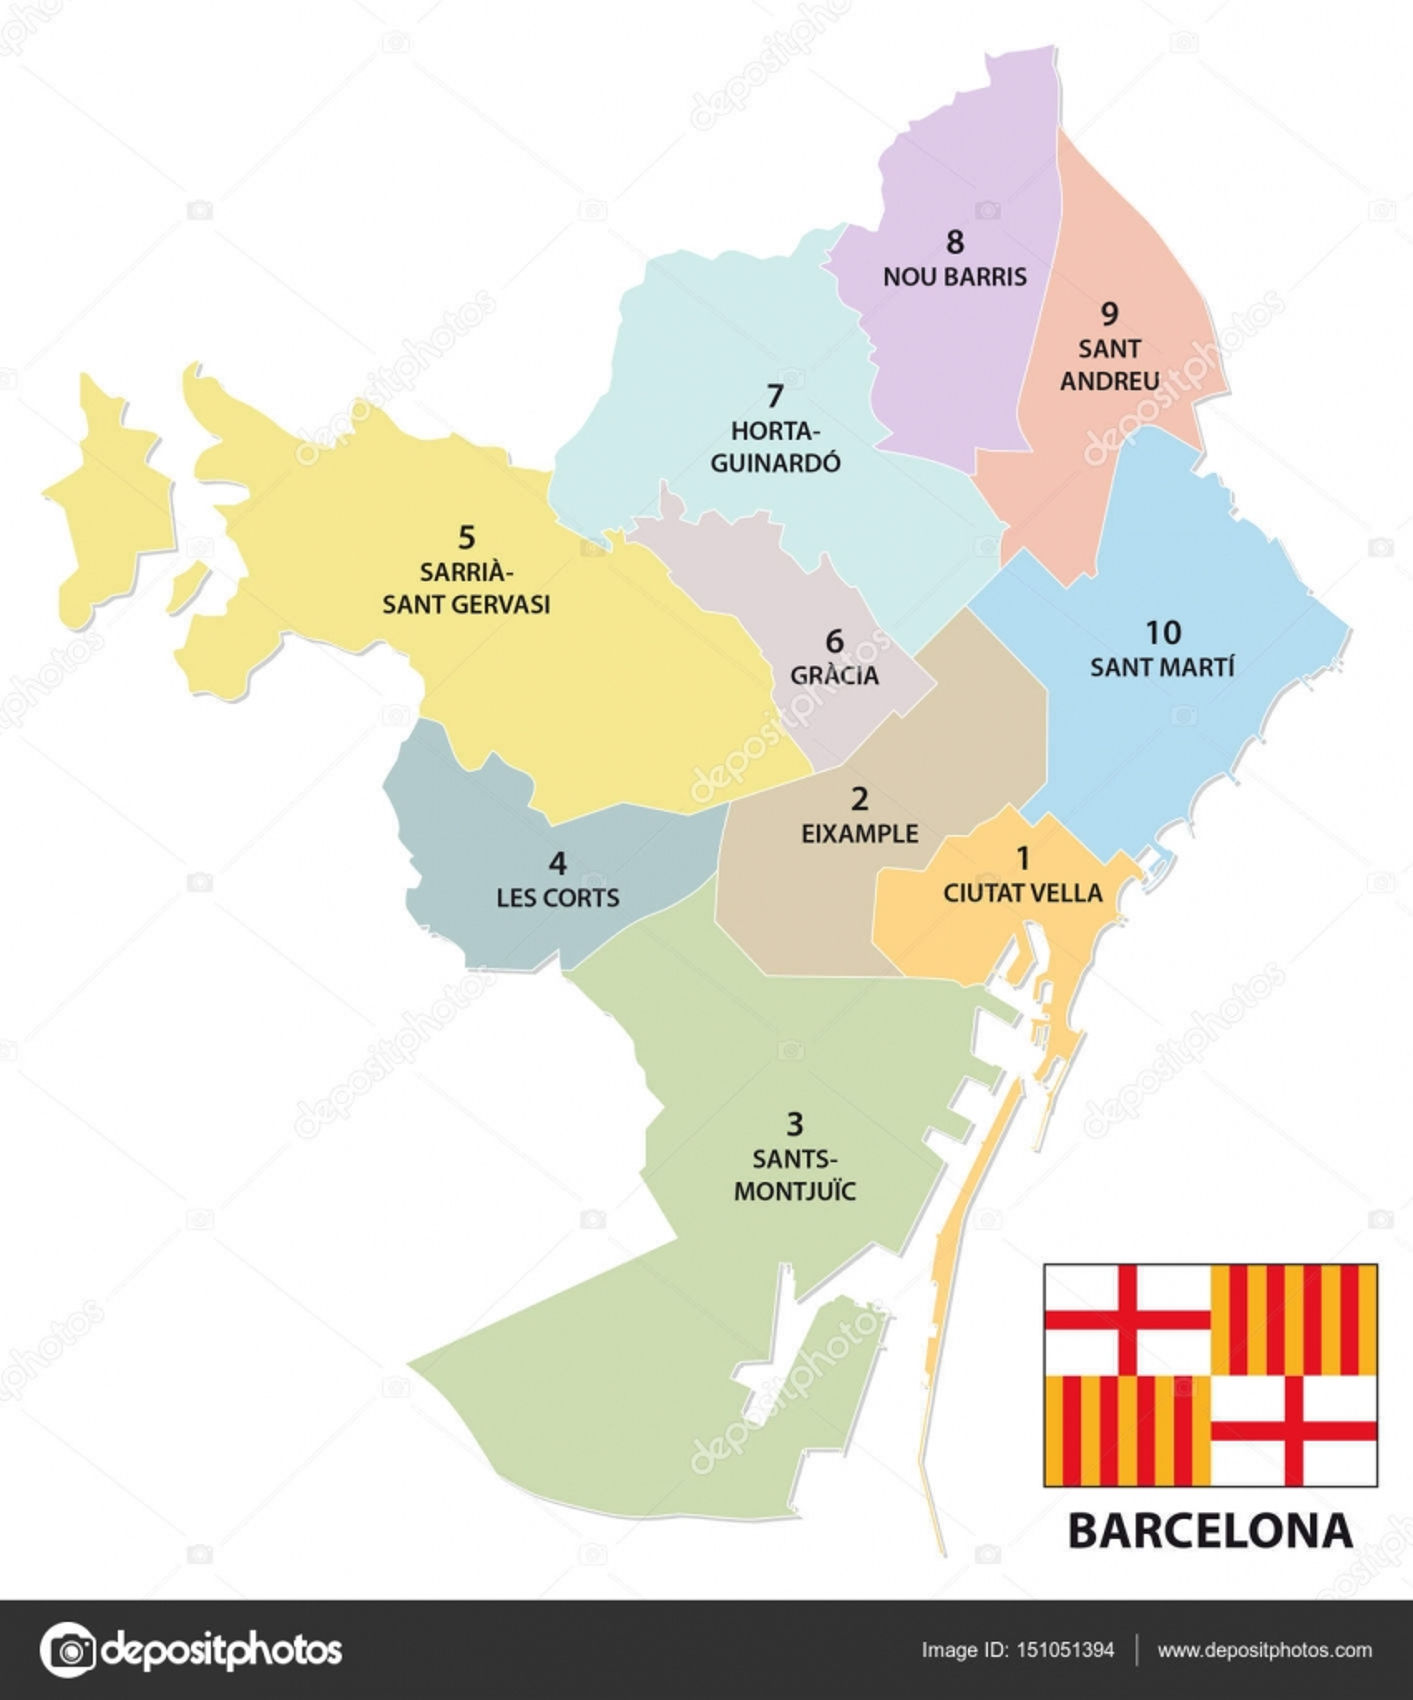 Carte Eixample Barcelone.Carte Administrative Et Politique De La Capitale Catalane De